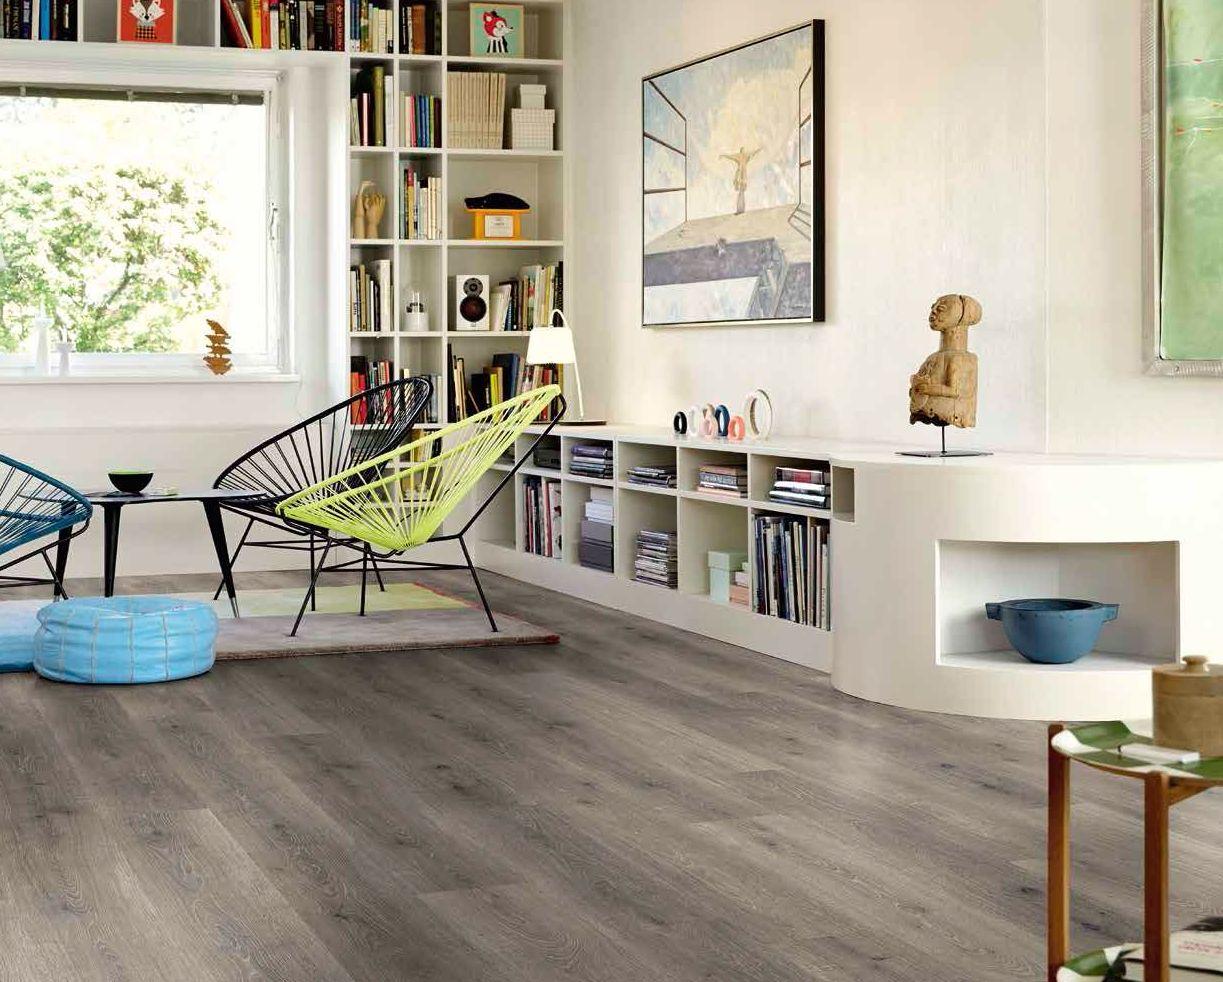 Woodmagik, suelos laminados en diferentes colores